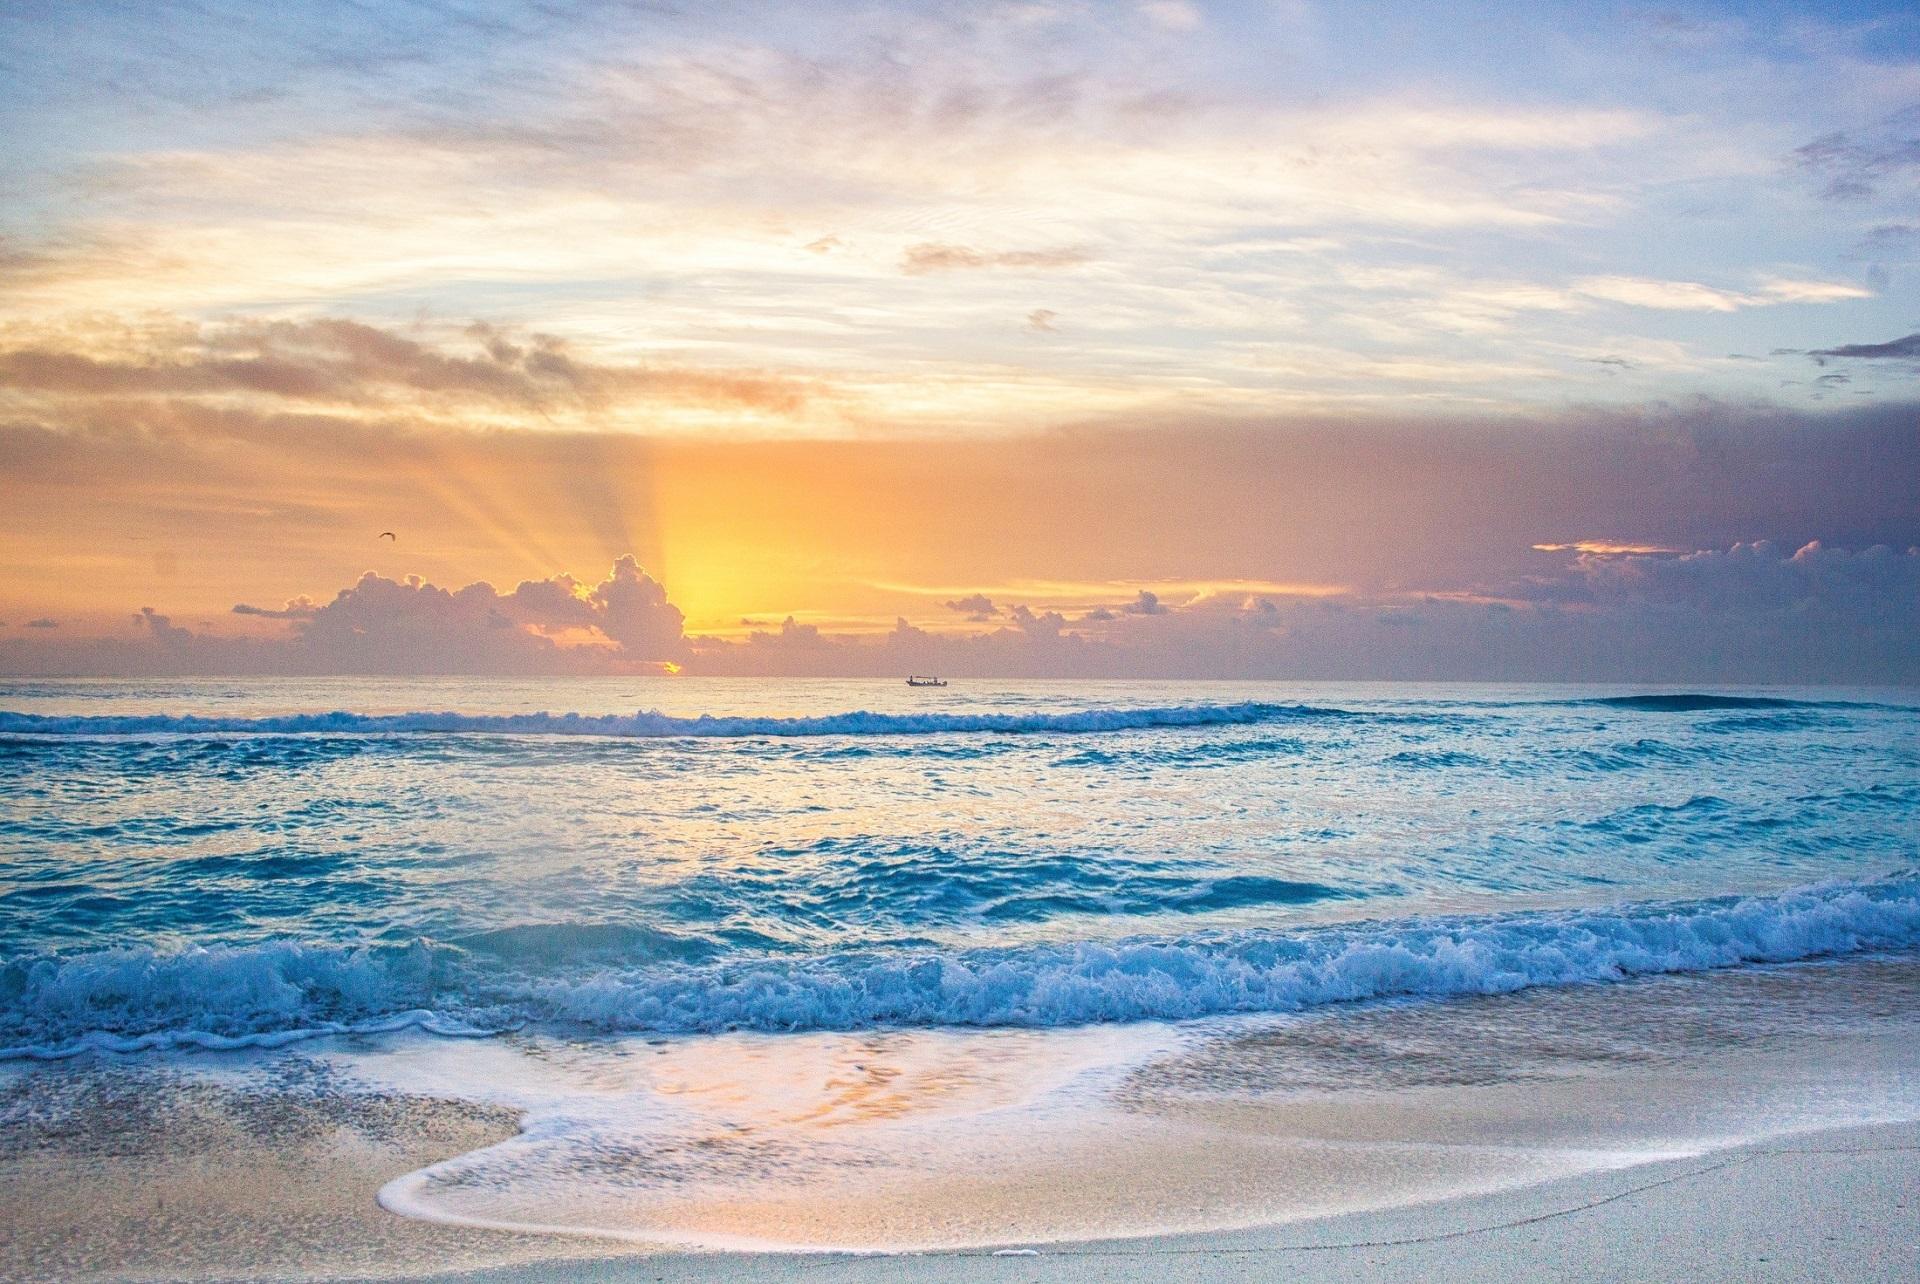 большая утро на берегу океана картинки уже доставили